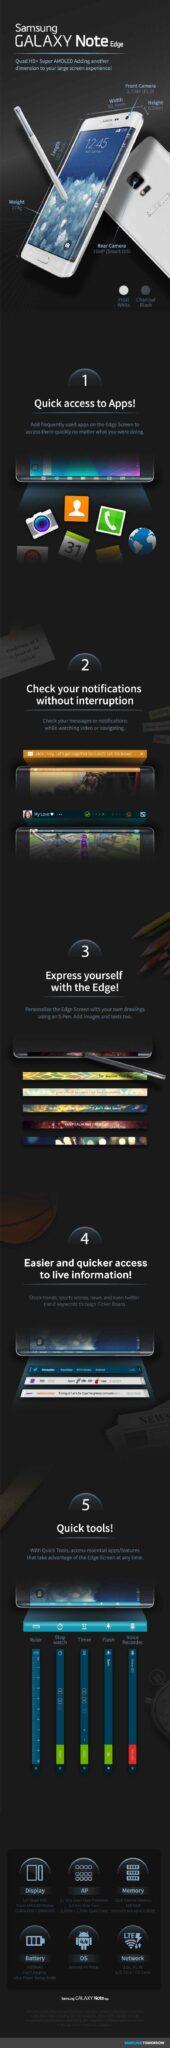 galaxy note edge, Les 2 écrans du Galaxy Note Edge expliqués en détail